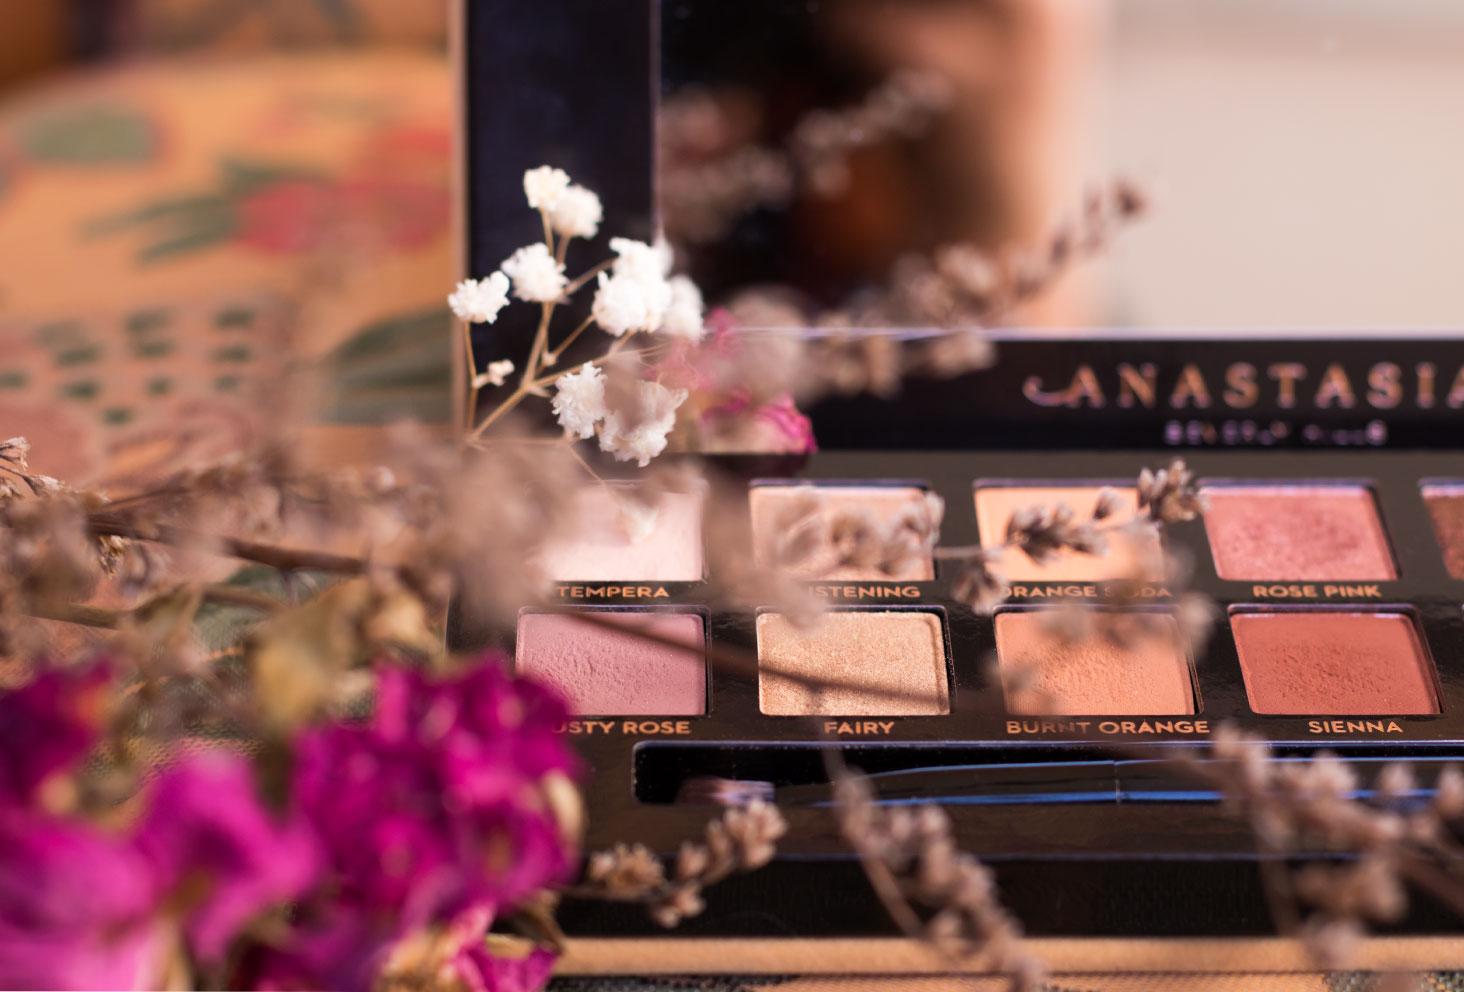 Zoom sur les fards du côté gauche de la palette Soft Glam d'Anastasia Beverly Hills, juste derrière es fleurs séchées